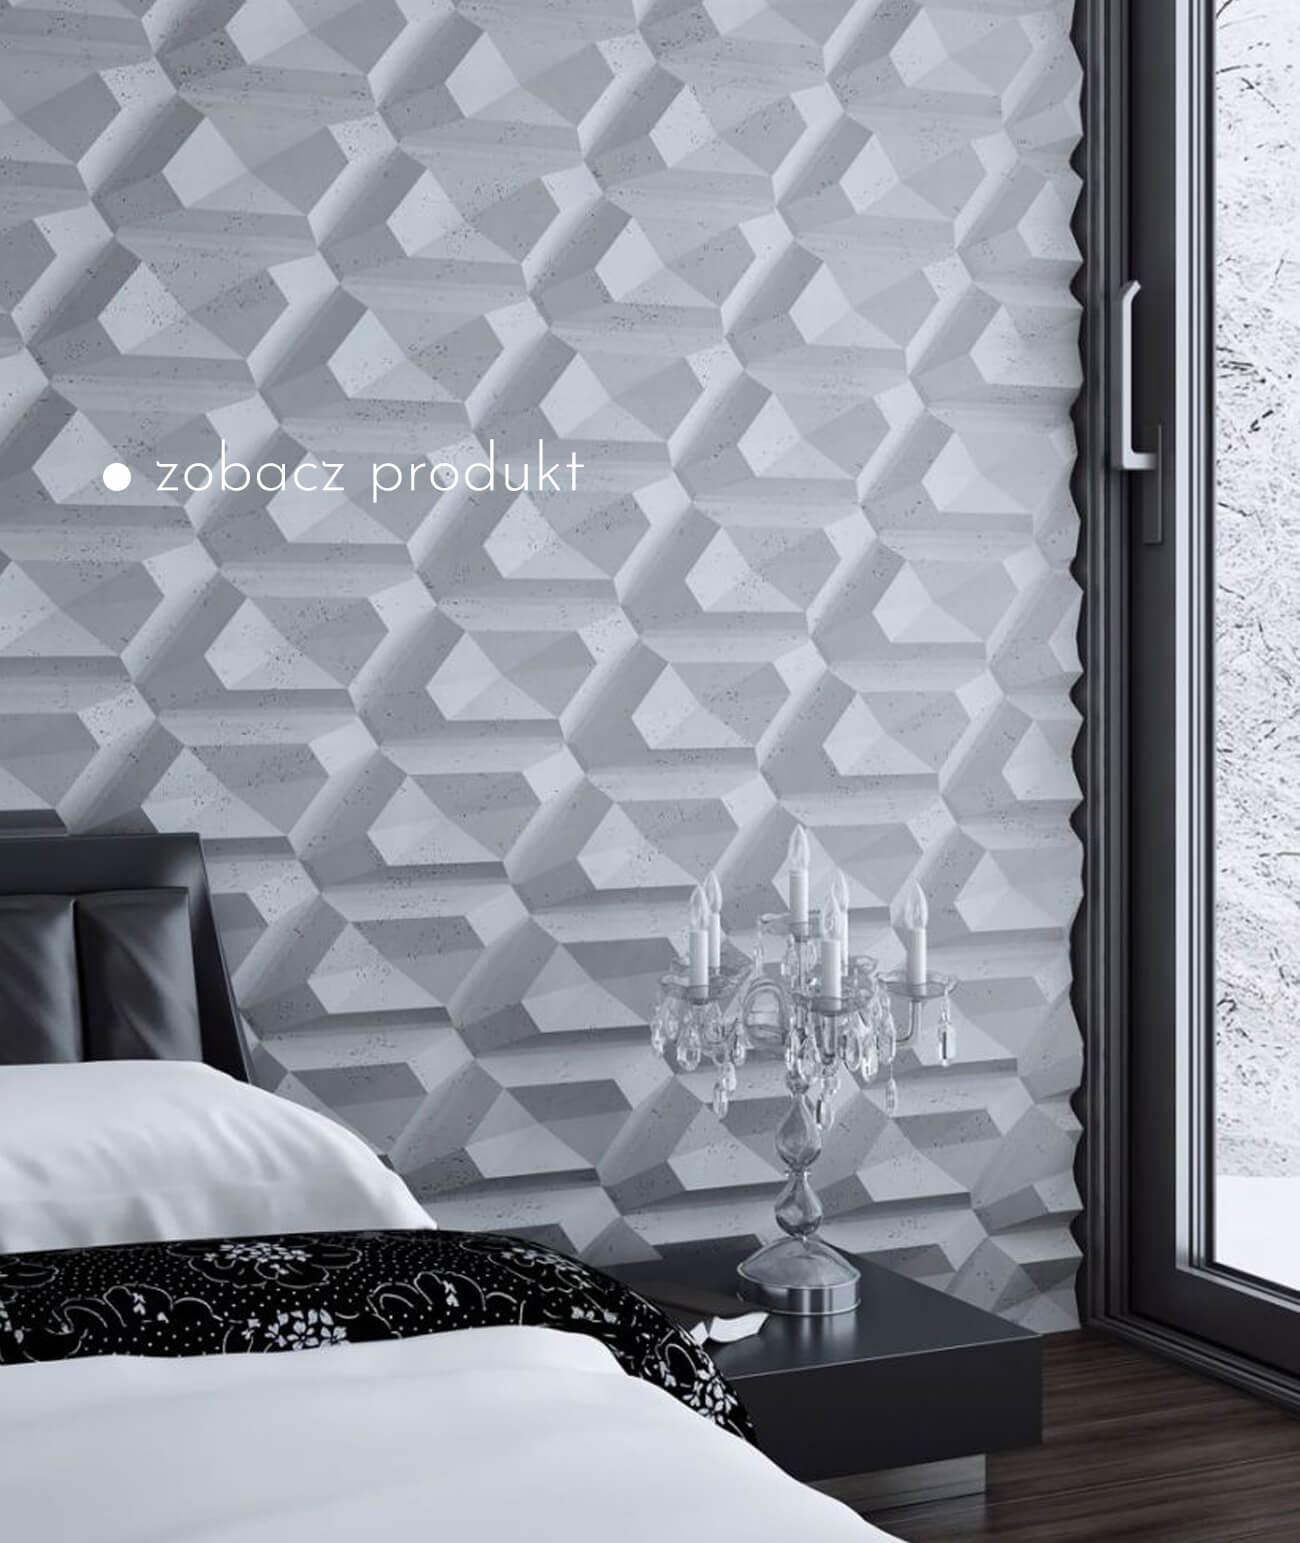 panele-betonowe-3d-scienne-i-elewacyjne-beton-architektoniczny_290-1544-pb02-b1-siwo-bialy-diament---panel-dekor-3d-beton-architektoniczny-panel-scienny